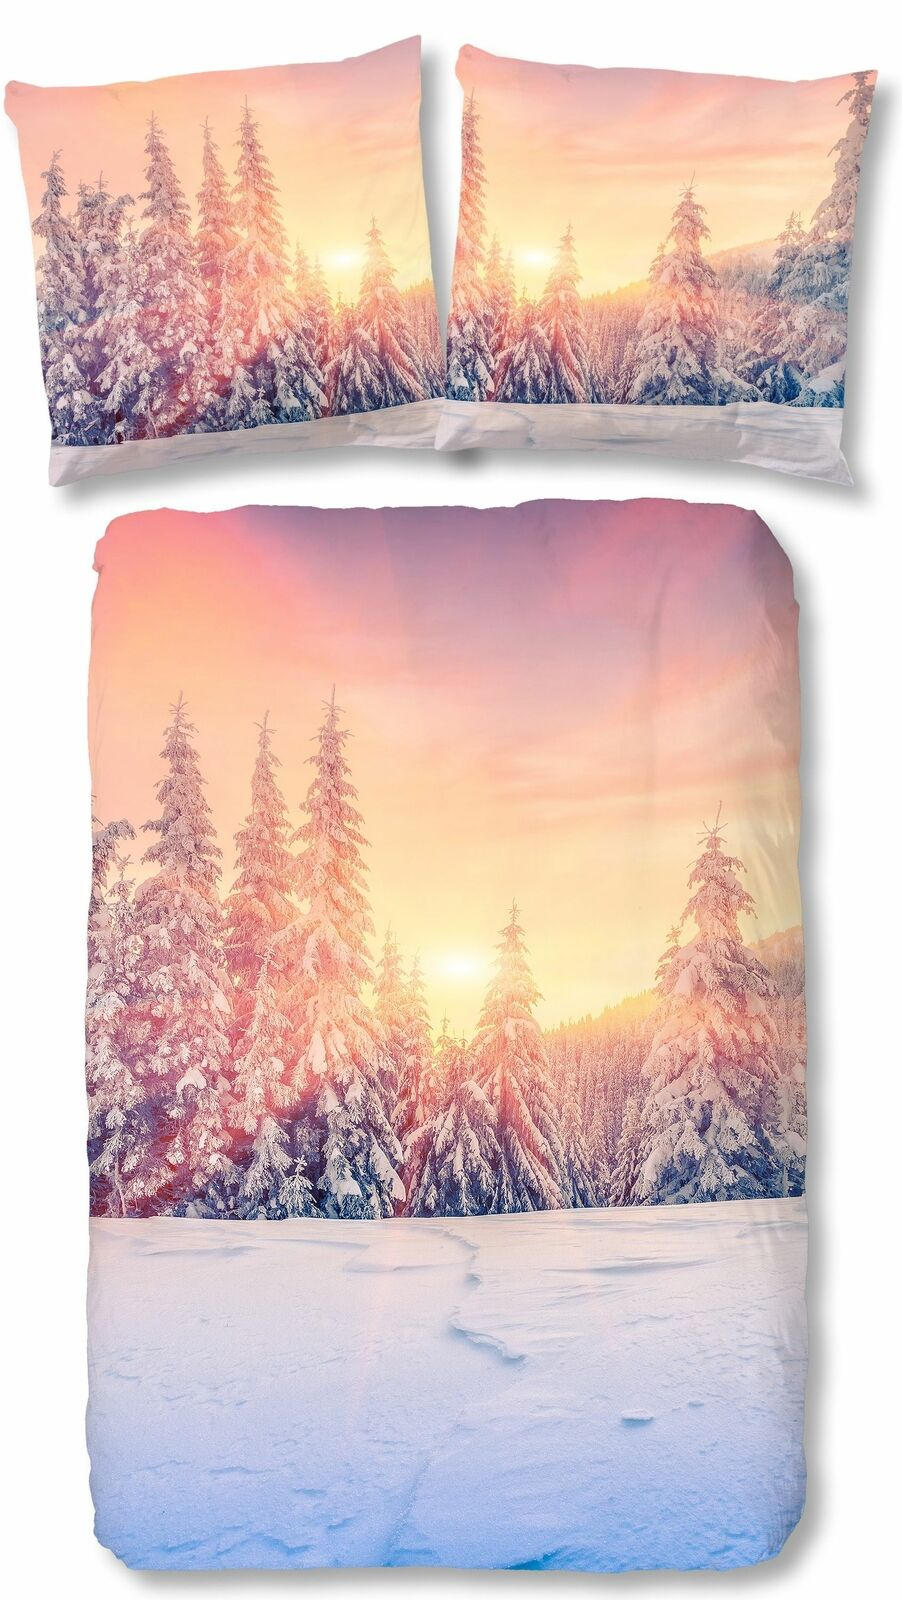 4 teilige Bettwäsche 135x200 cm Sonnenuntergang Schneelandschaft weiß Baumwolle